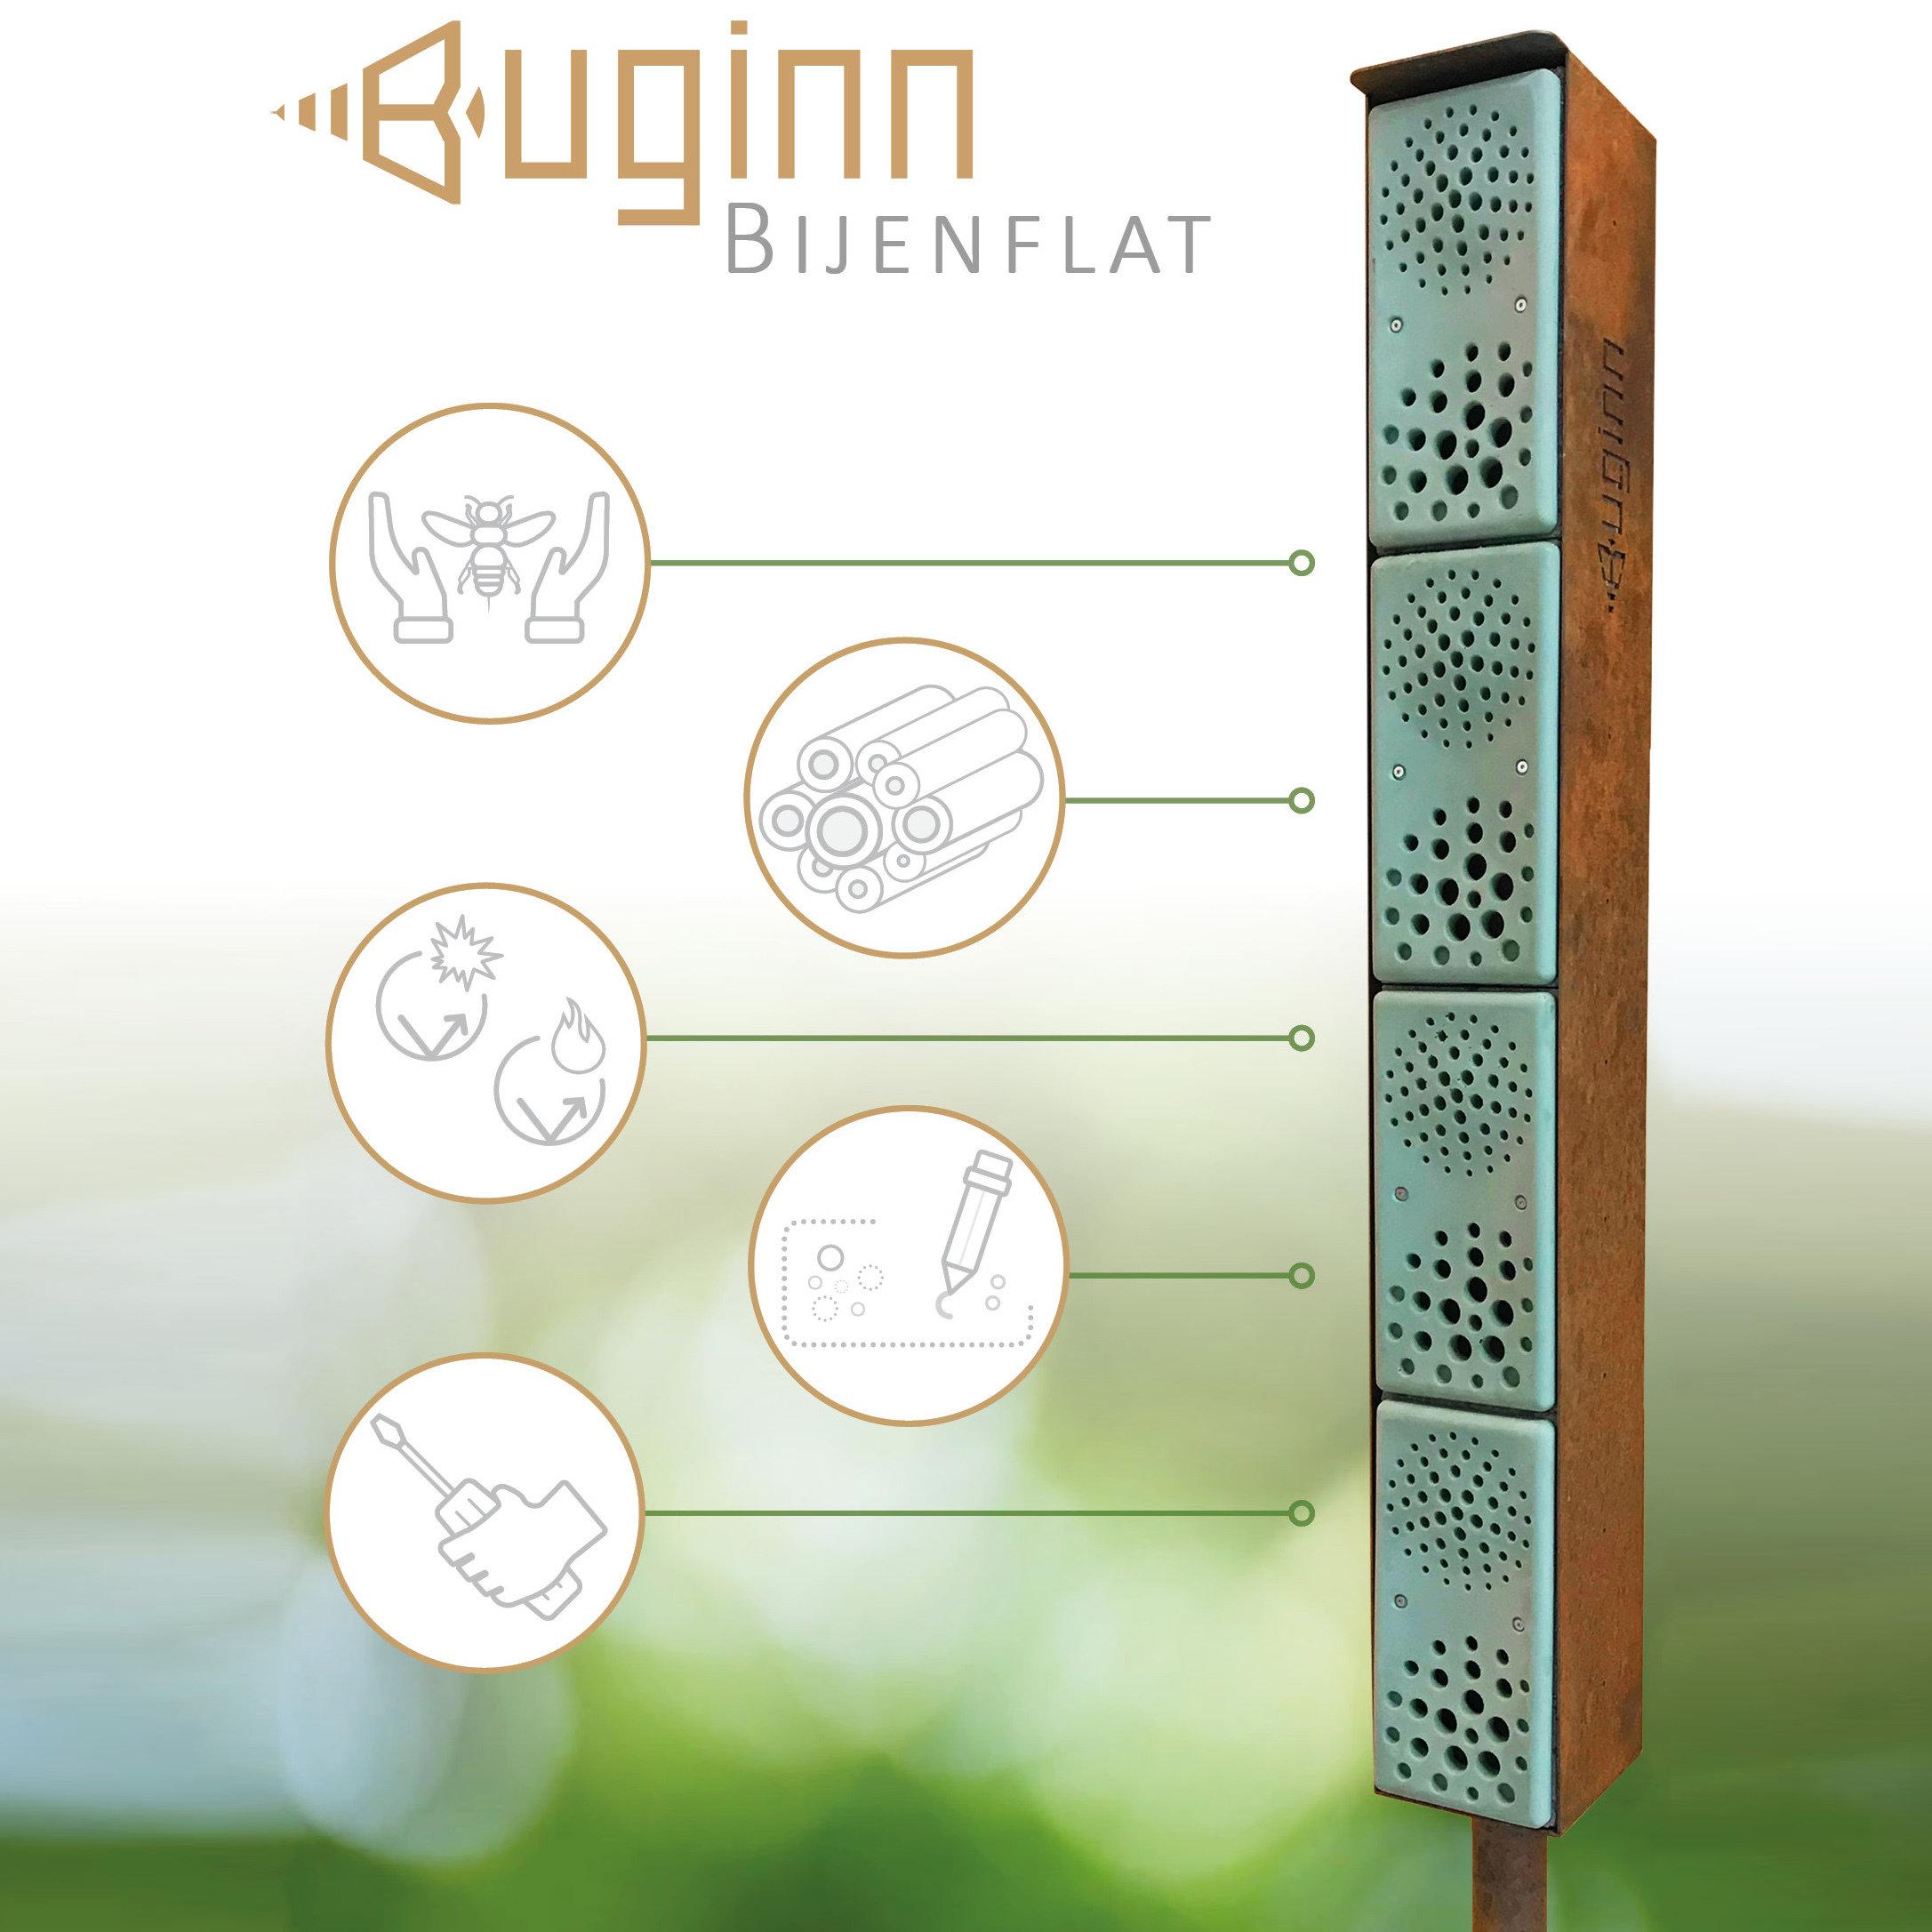 Buginn | Bijenhotel - BijenFlat 00004